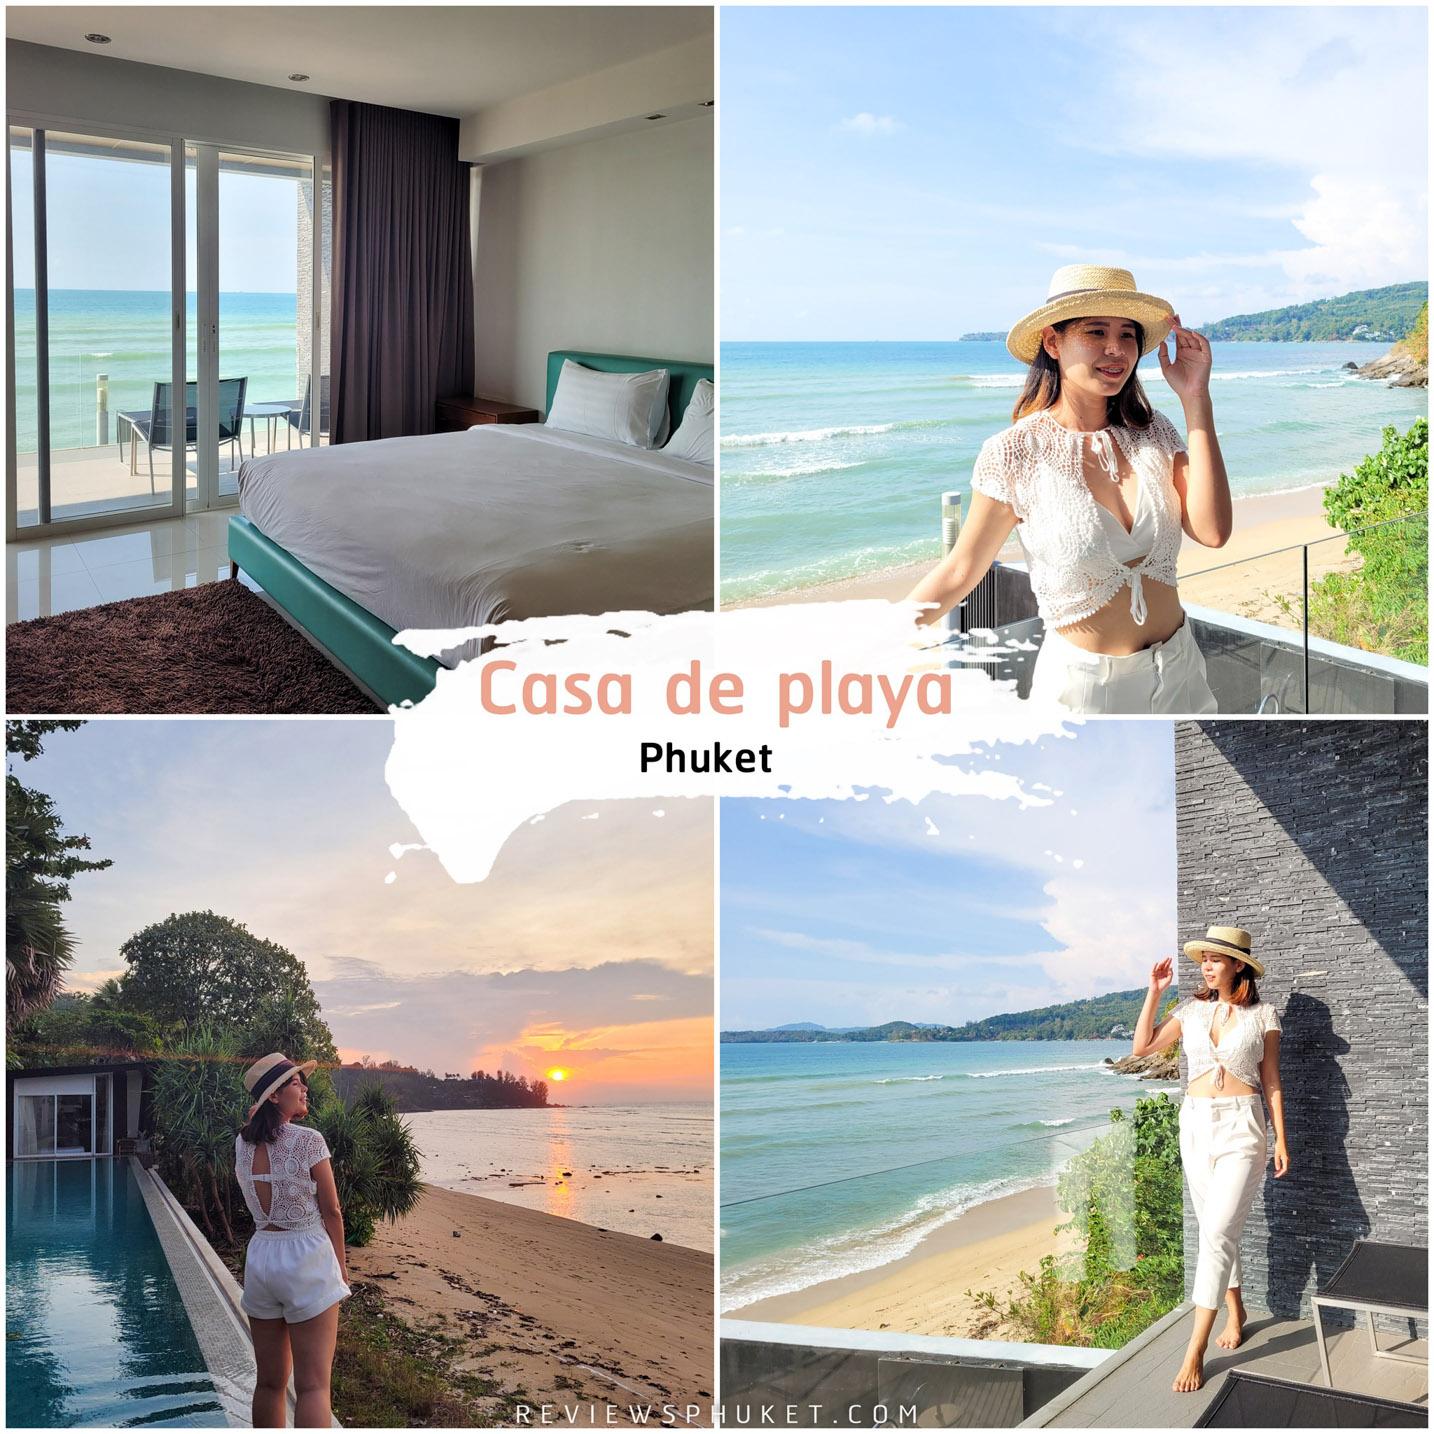 Casa De playa Phuket ที่พักภูเก็ตสุดสวย เงียบสงบส่วนตัว วิวทะเลริมหาด 10/10